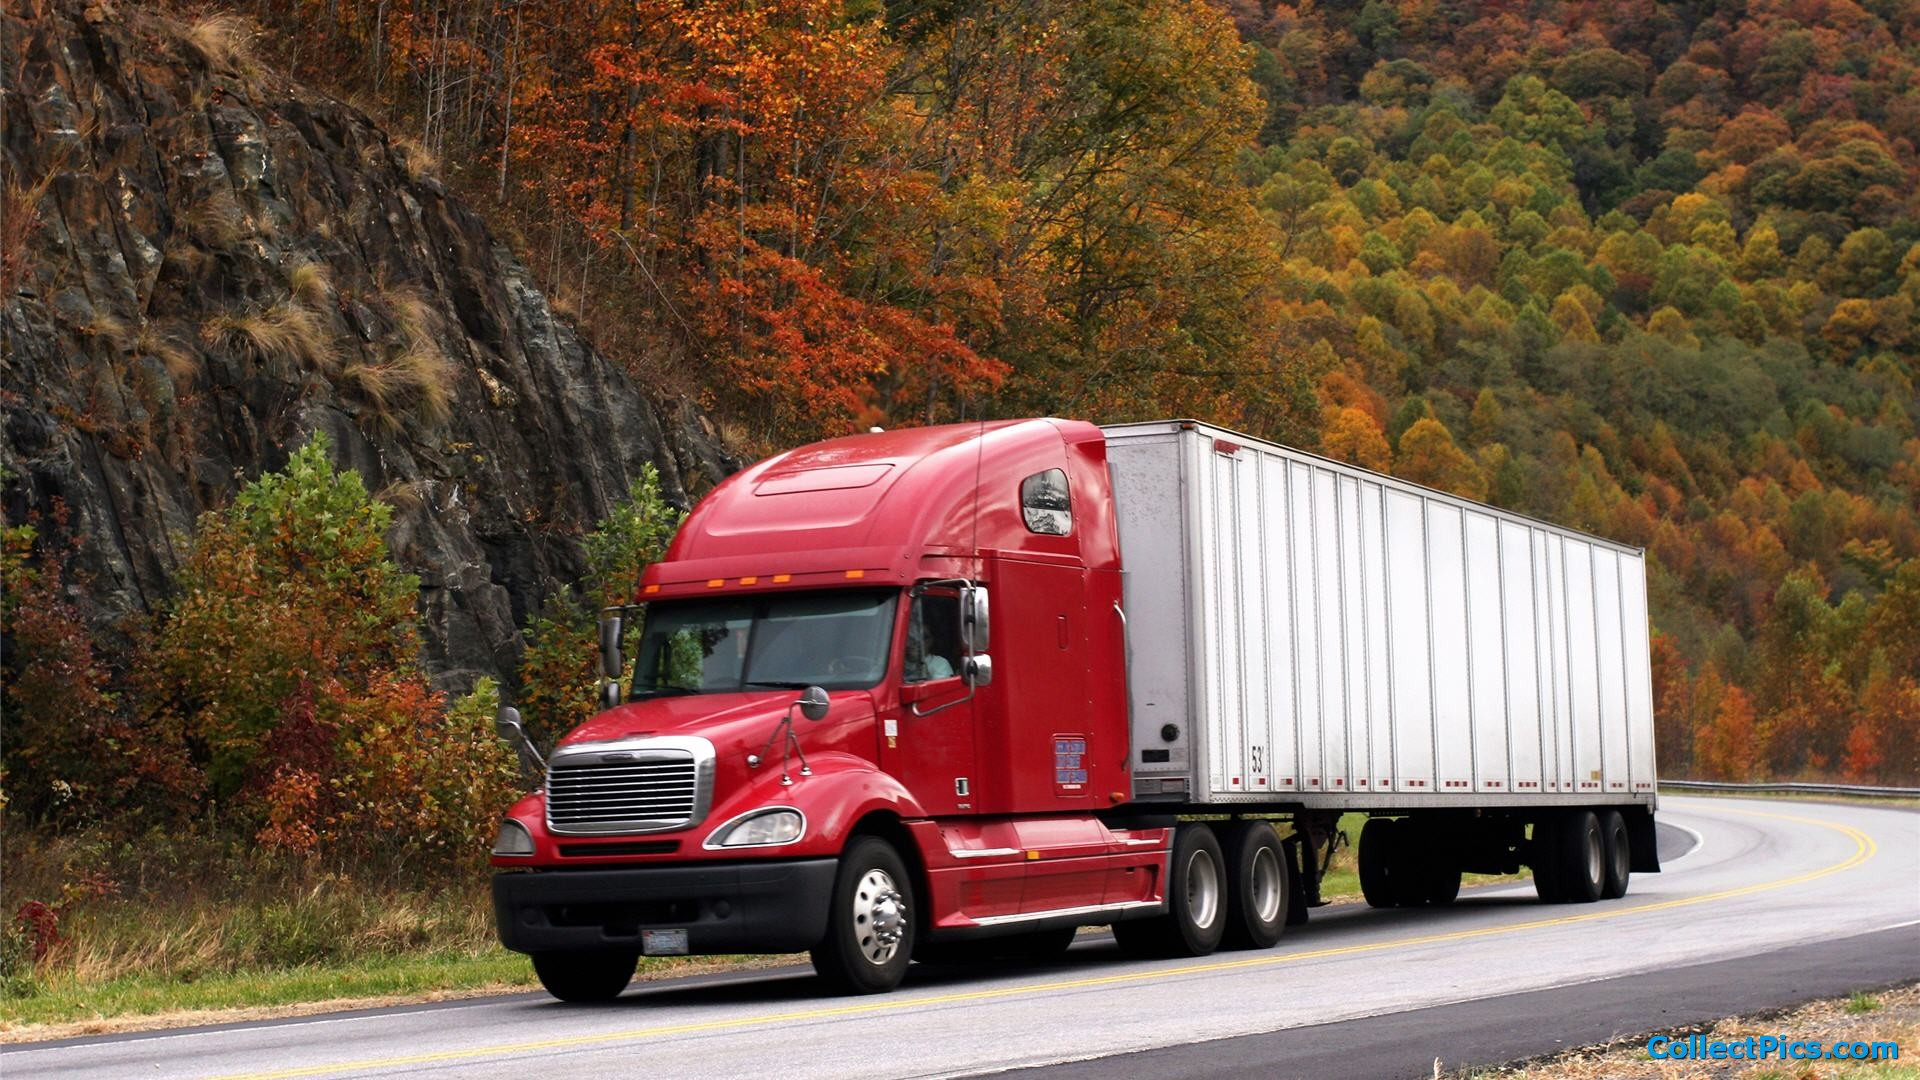 Semi Truck Wallpaper HD 1920x1080 4798 1920x1080